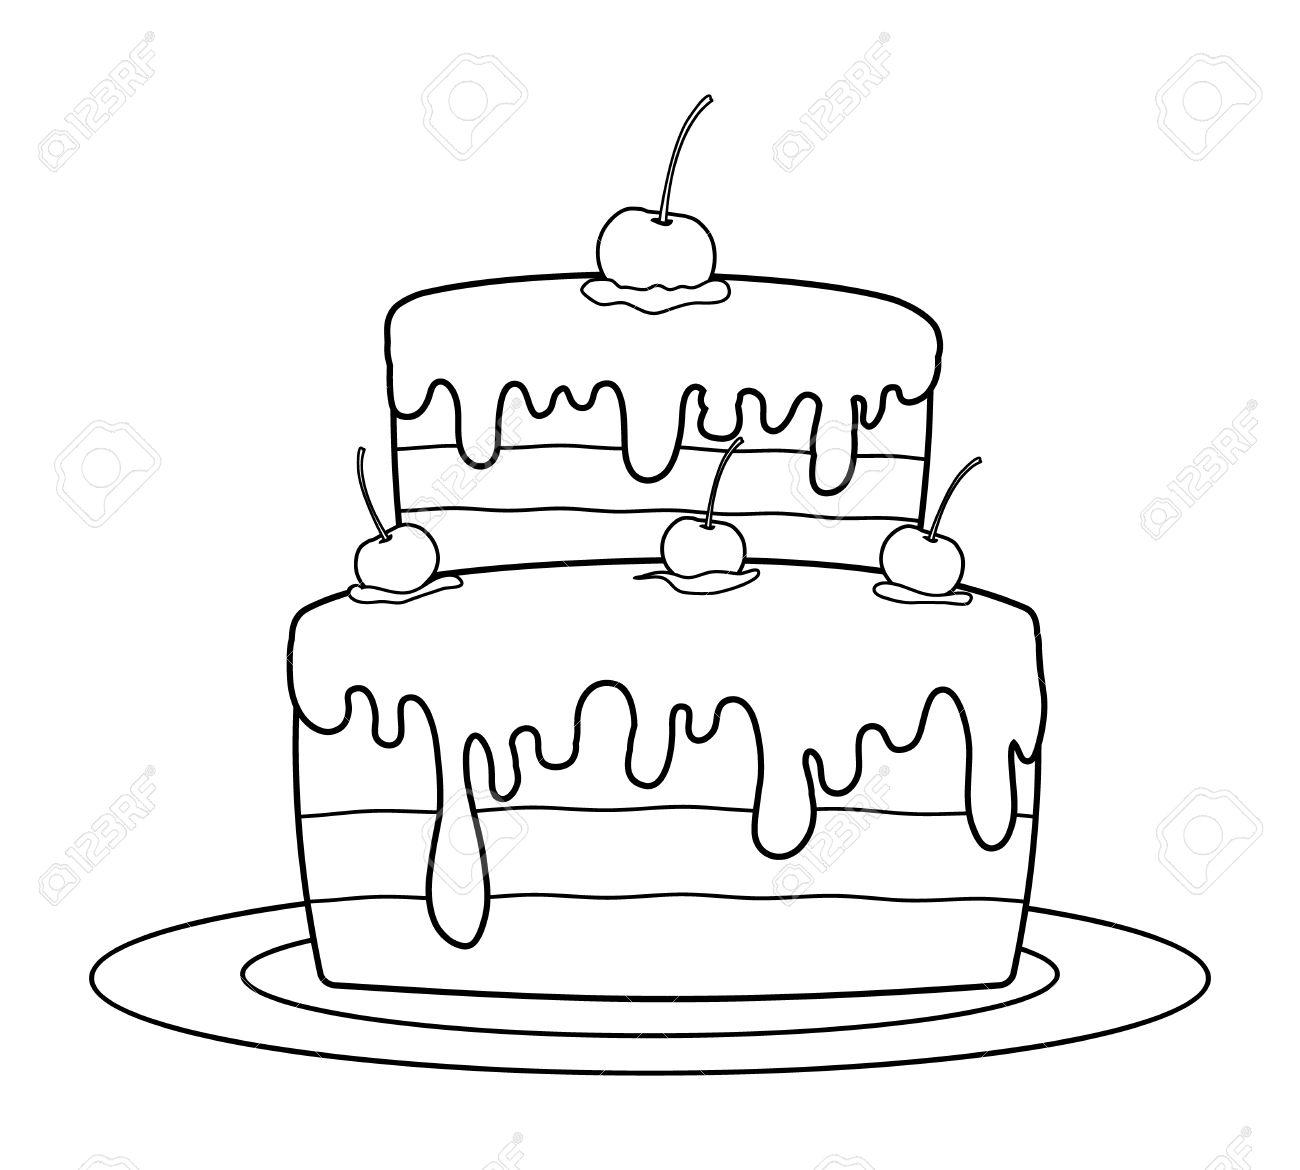 Ziemlich Geburtstagskuchen Färbung Seite Zeitgenössisch - Entry ...